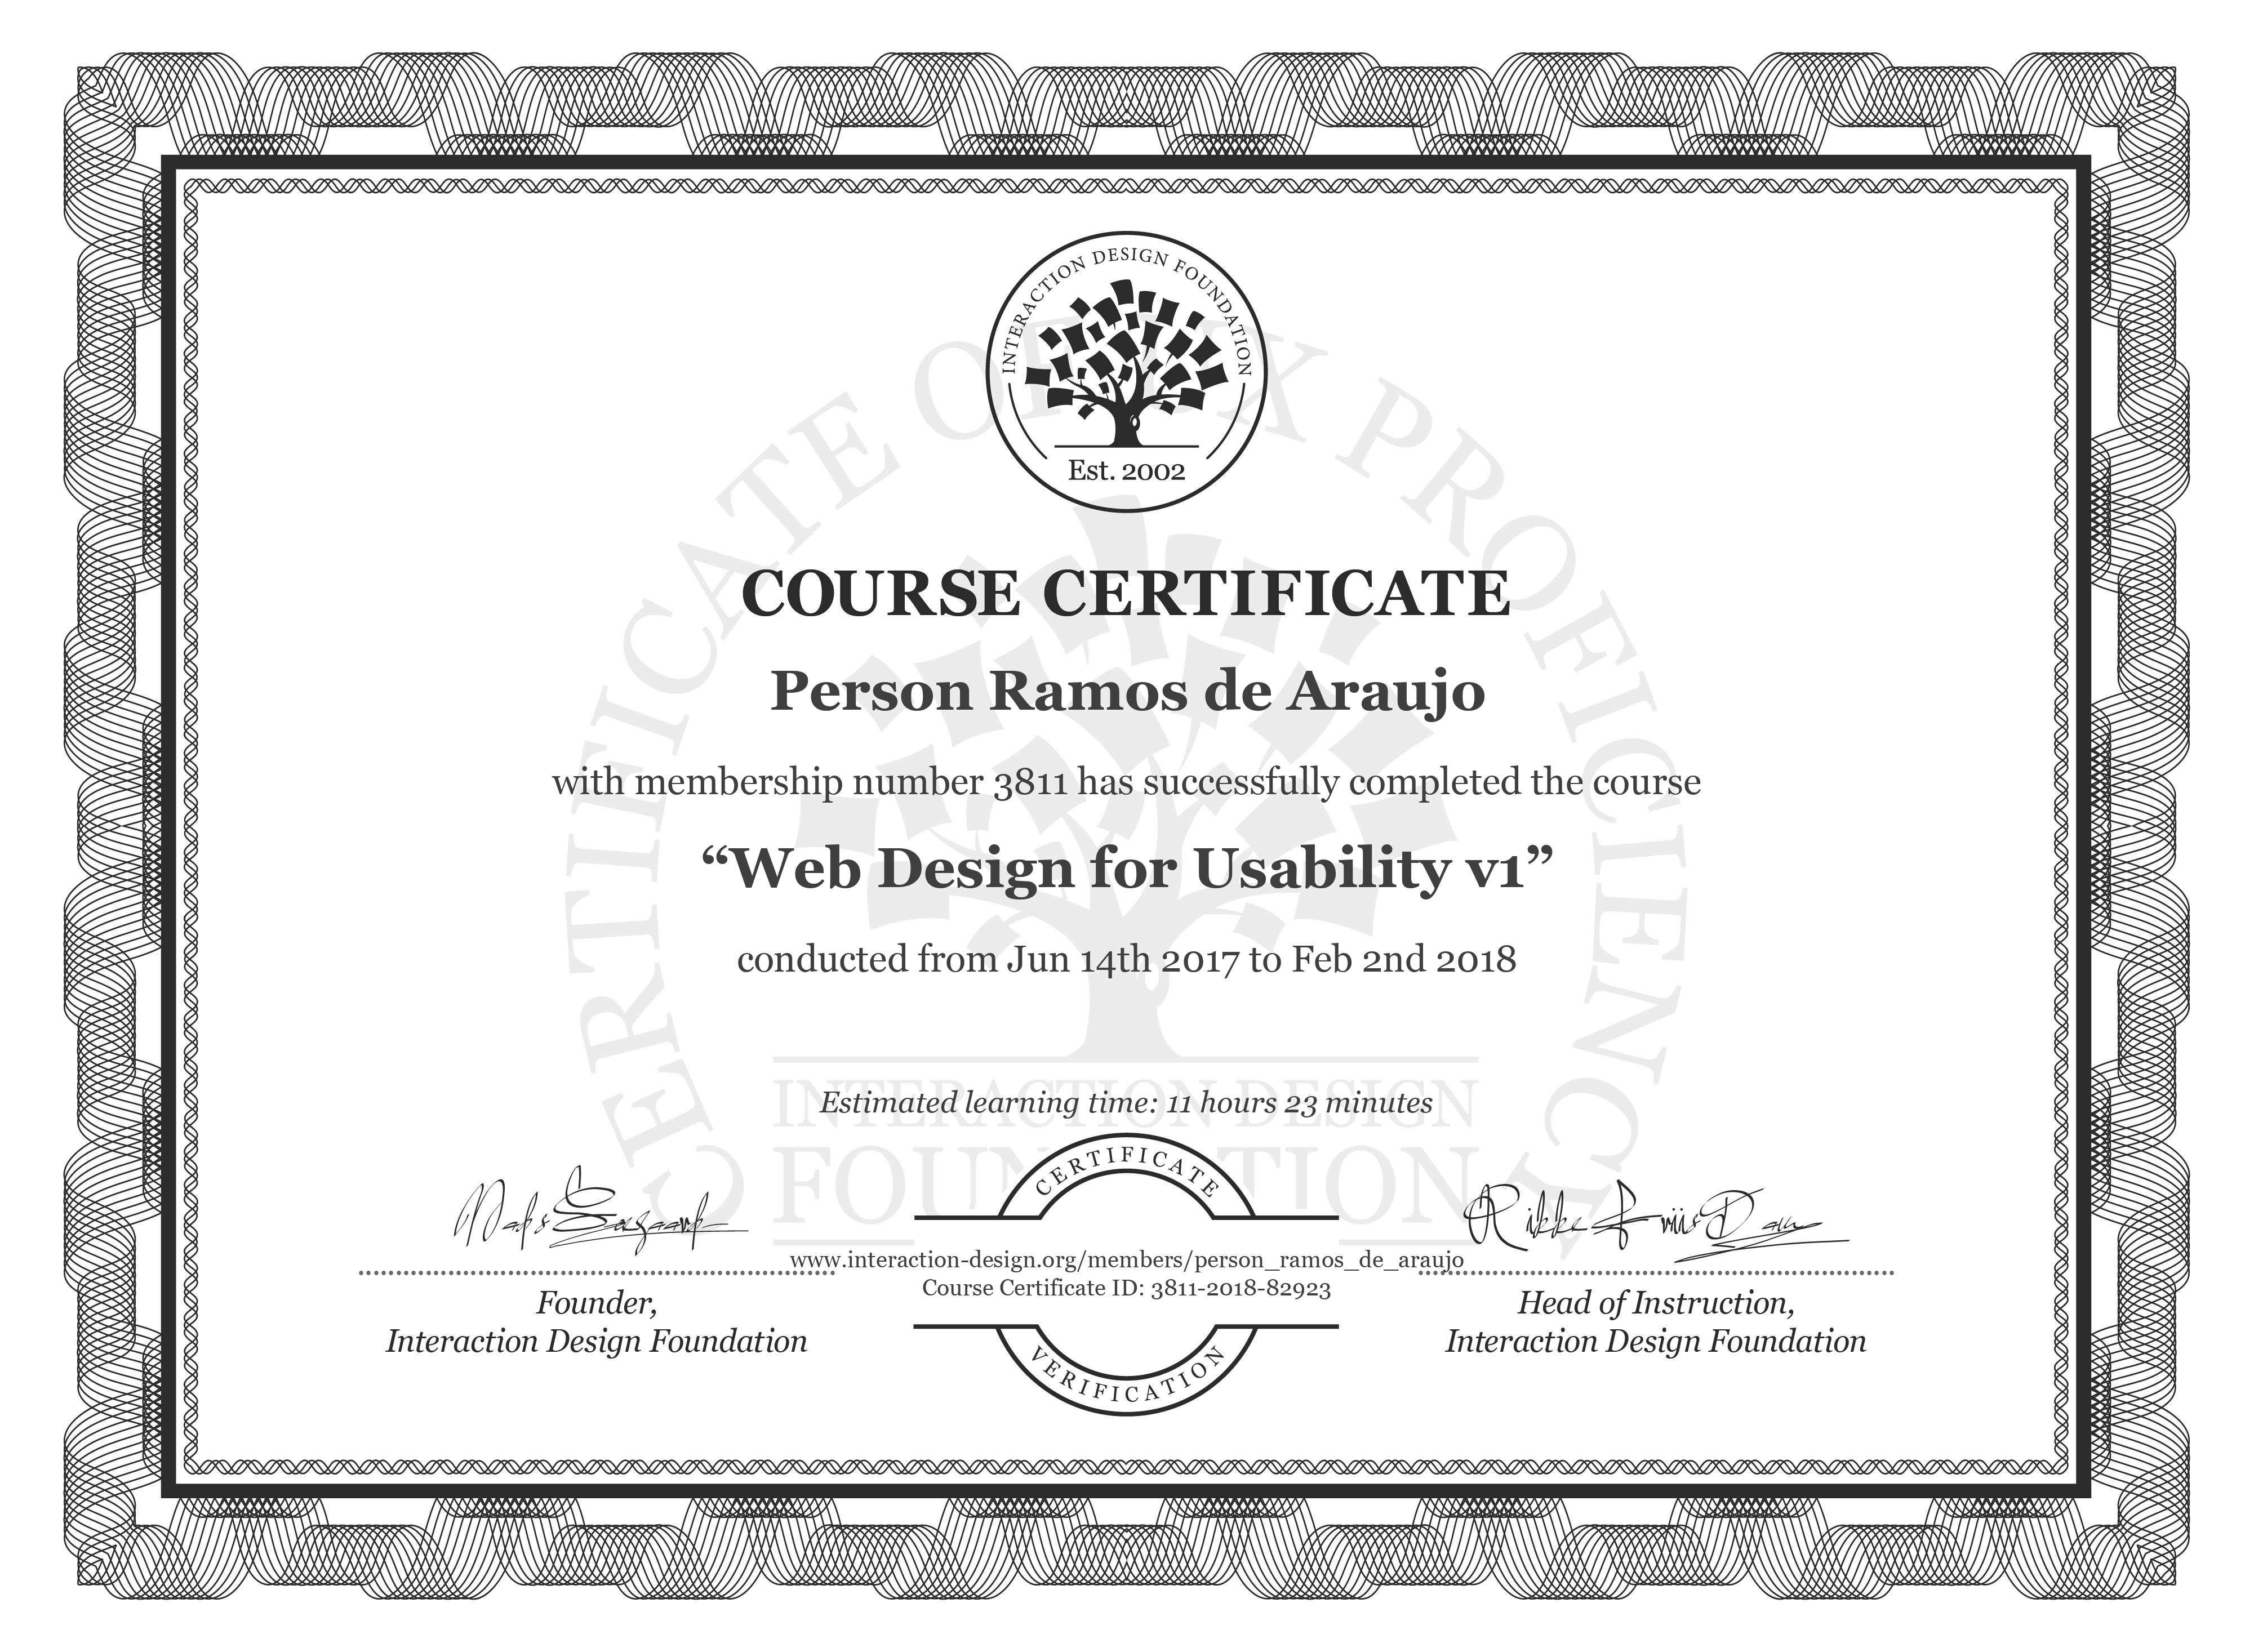 Person Ramos de Araujo: Course Certificate - Web Design for Usability